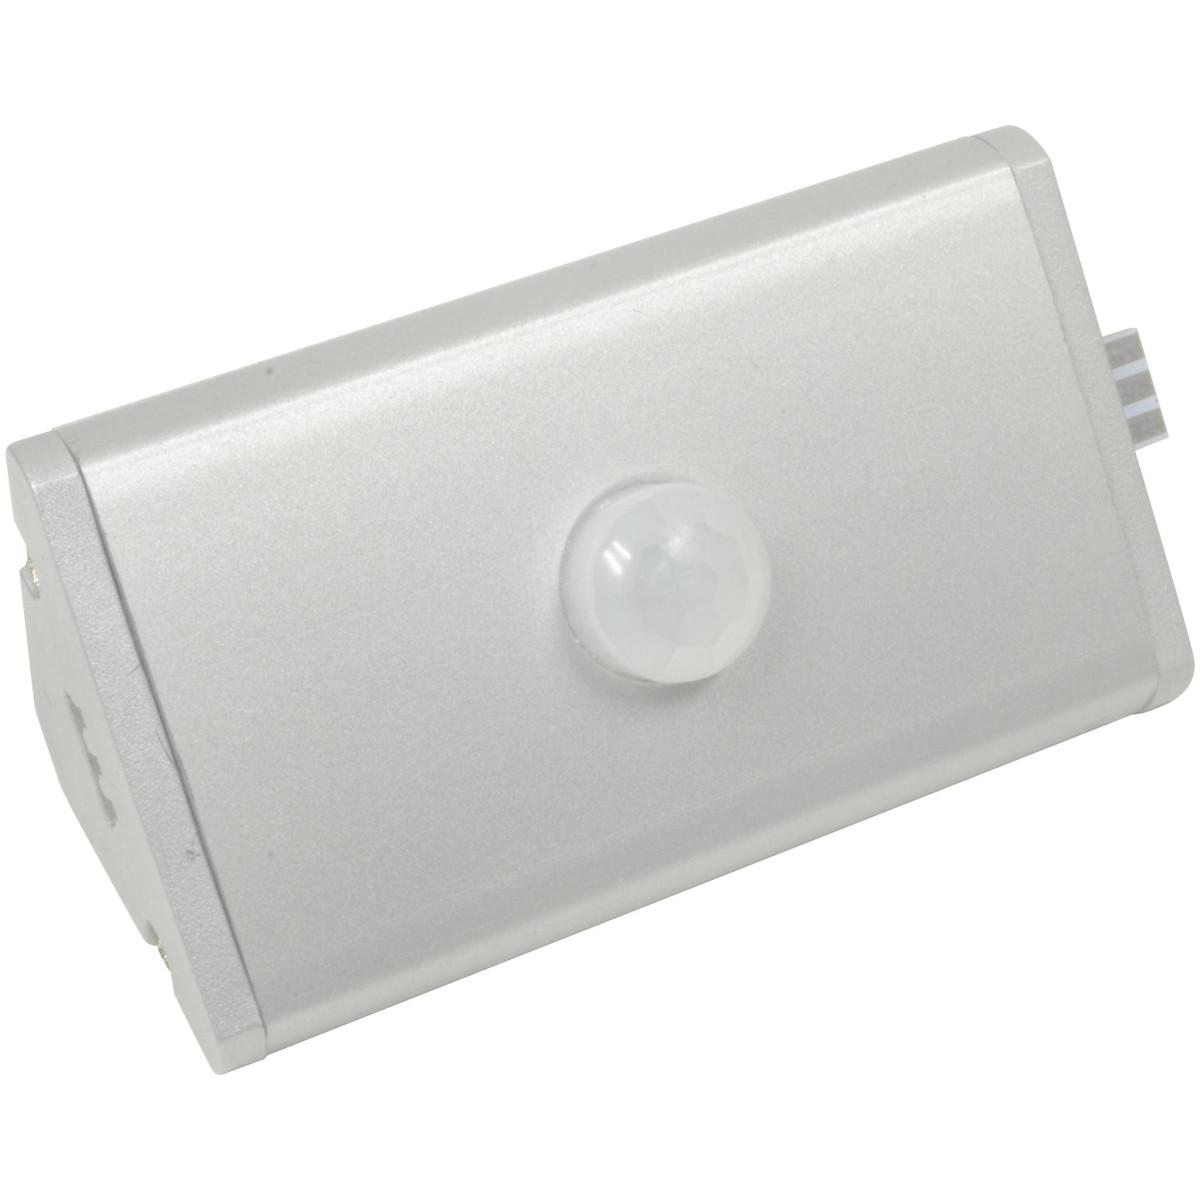 Выключатель с датчиком движения RIO треугольный цвет серый